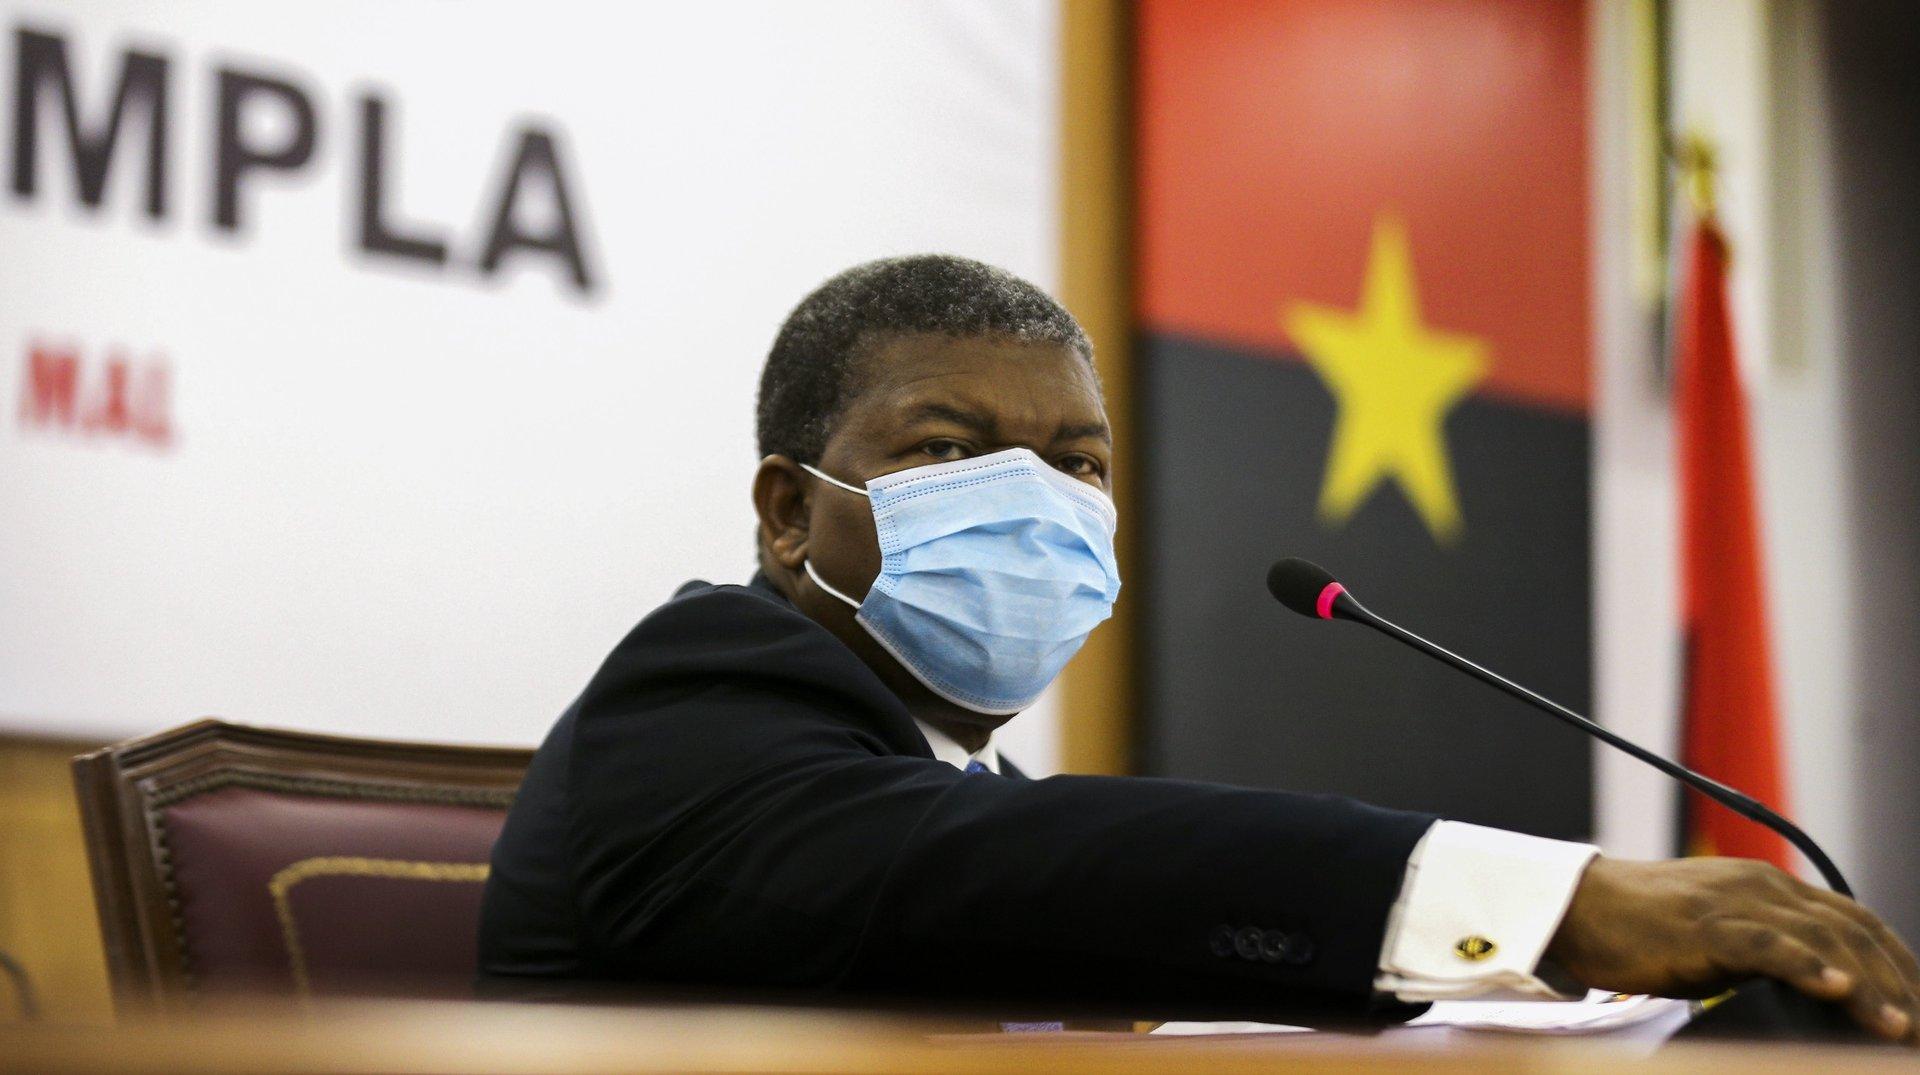 O Presidente da República de Angola, João Lourenço, preside à 1.ª Reunião Ordinária do Bureau Politico do Movimento Popular de Libertação de Angola (MPLA), em Luanda Angola, 22 de janeiro de 2021. AMPE ROGÉRIO/LUSA